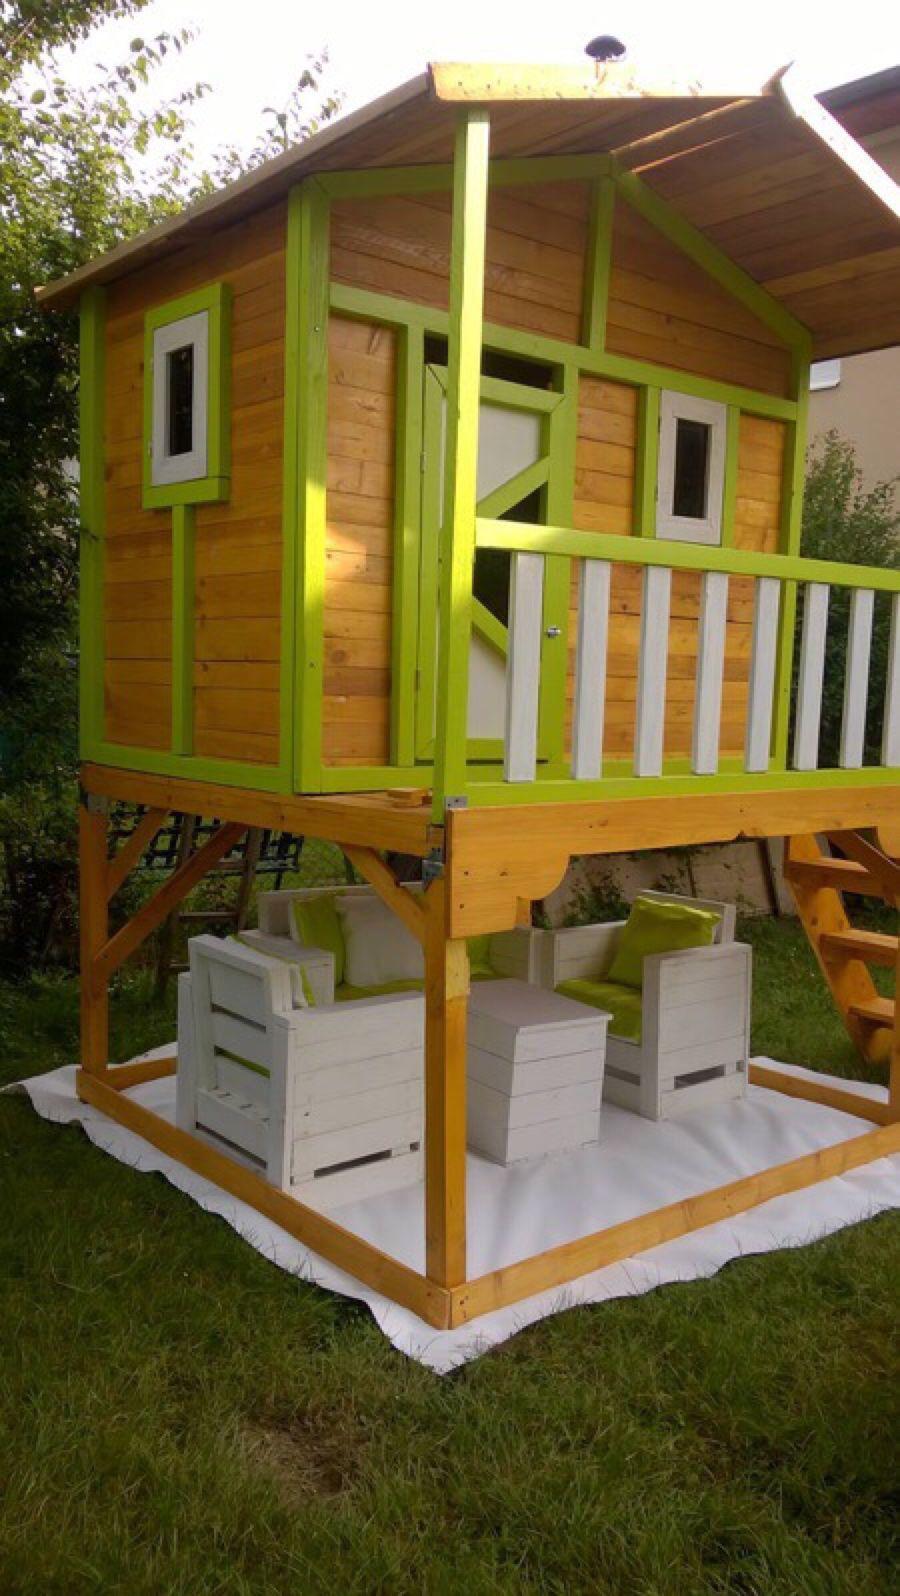 Petite Cabane De Jardin Pour Les Enfants | Petite Cabane De ... intérieur Maison De Jardin Pour Enfant